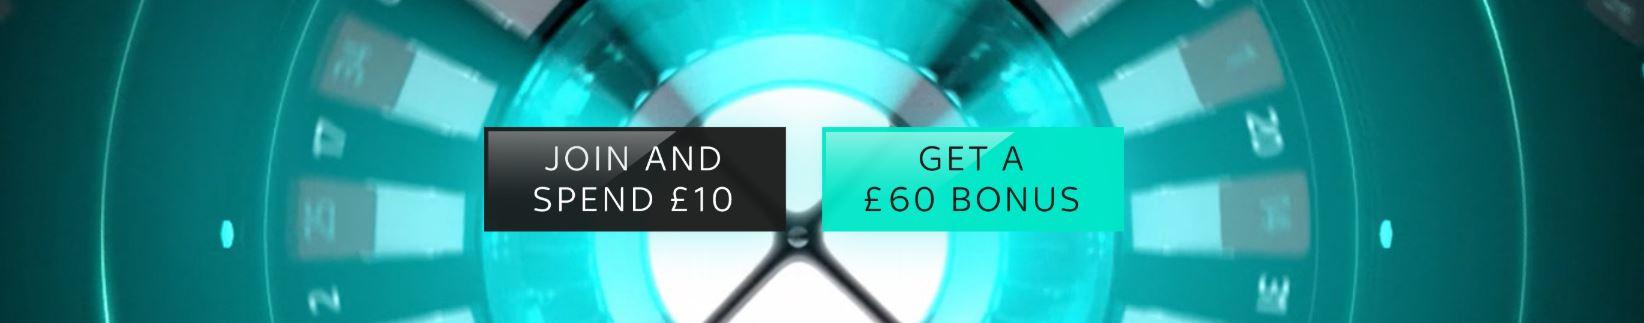 Los bonos y promociones de skycasino están disponibles para los jugadores.